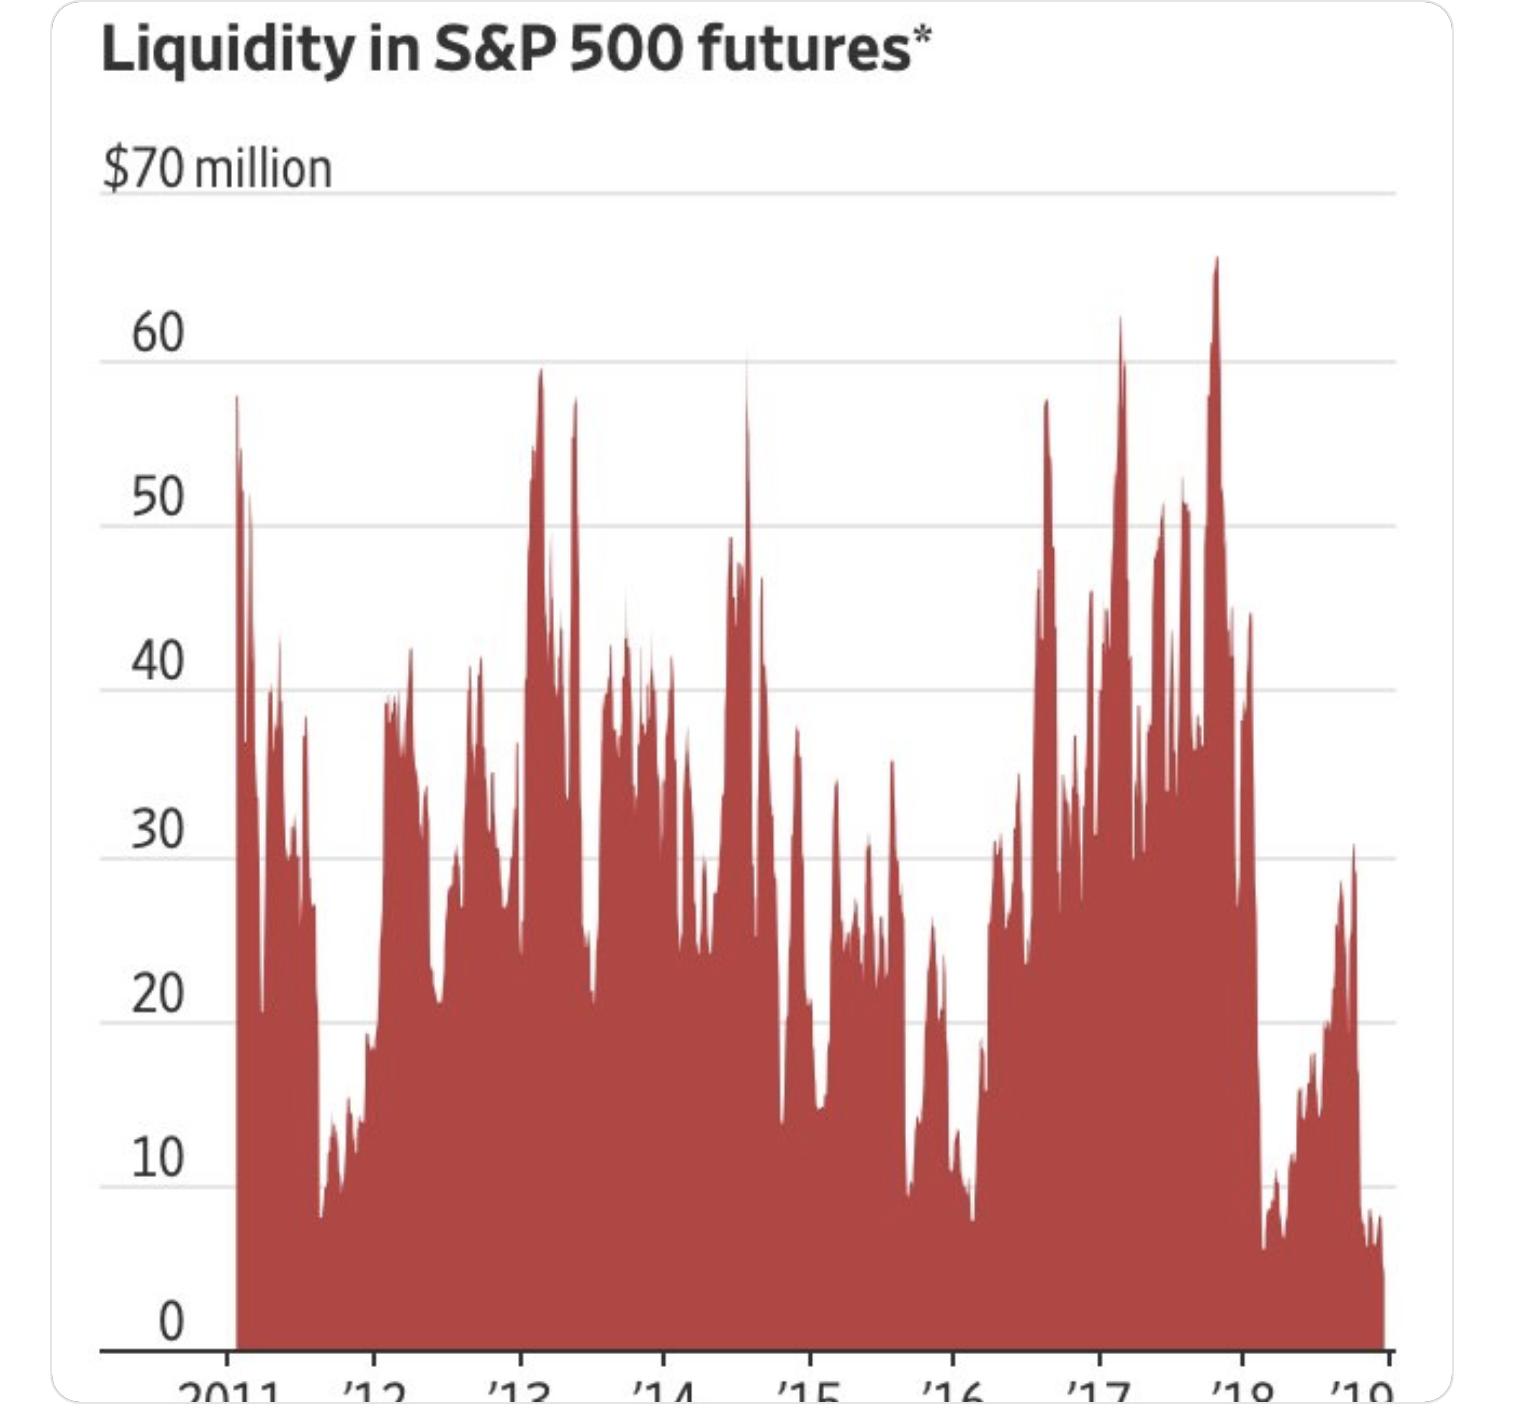 Liquidityin S&P 500 futures